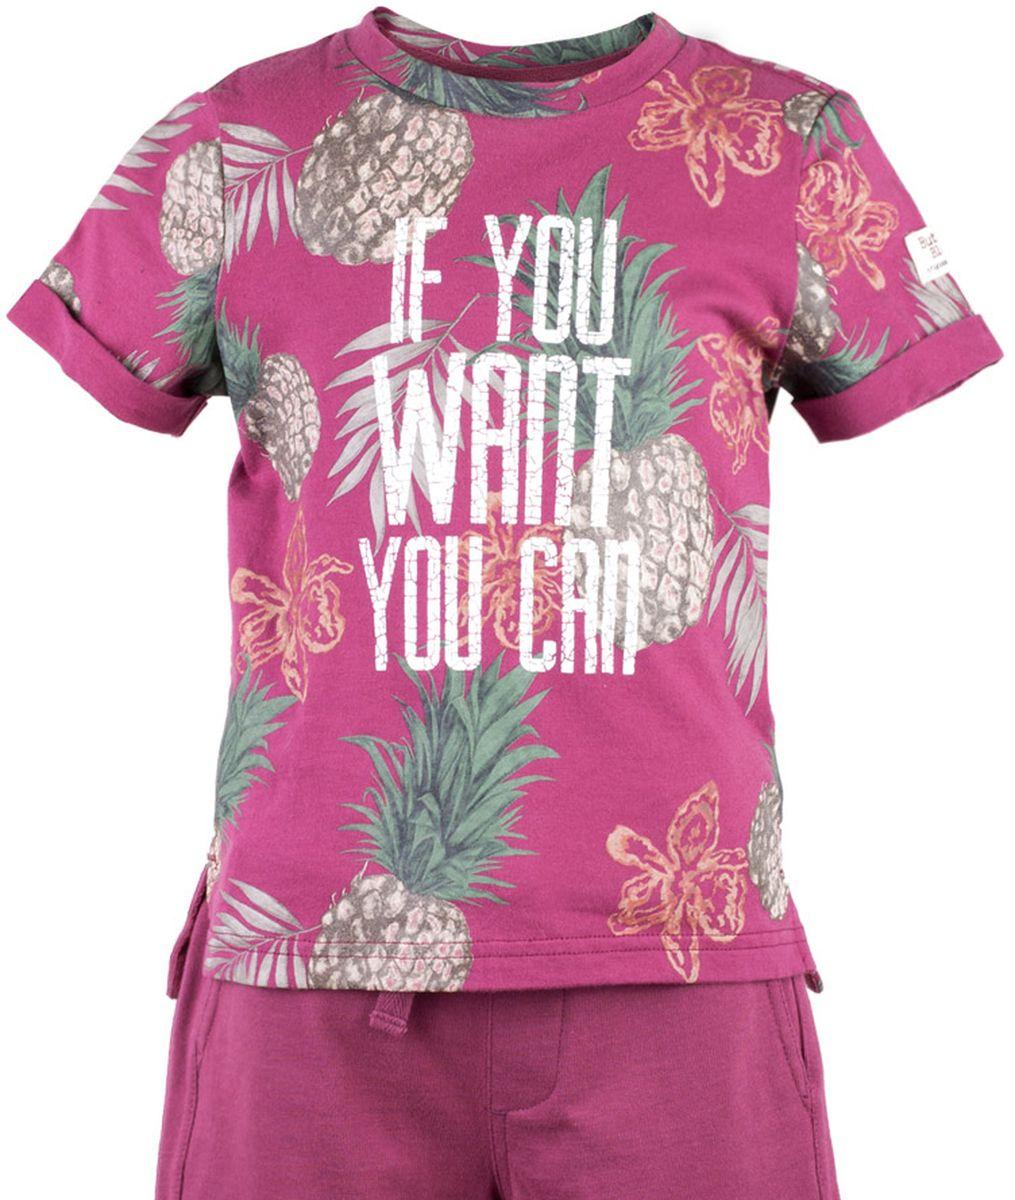 Футболка117BBBC12040313Футболки с рисунком - хит сезона Весна/Лето 2017! Динамичный принт создает летнее настроение и делает модель яркой и запоминающейся. Если вы решили купить недорогую футболку для мальчика, обратите внимание на модель от Button Blue! Эта футболка станет выразительным акцентом повседневного образа, сделав каждый комплект оригинальным и необычным. Низкая цена не окажет влияния на бюджет семьи, позволив создать интересный базовый гардероб для долгожданных каникул!